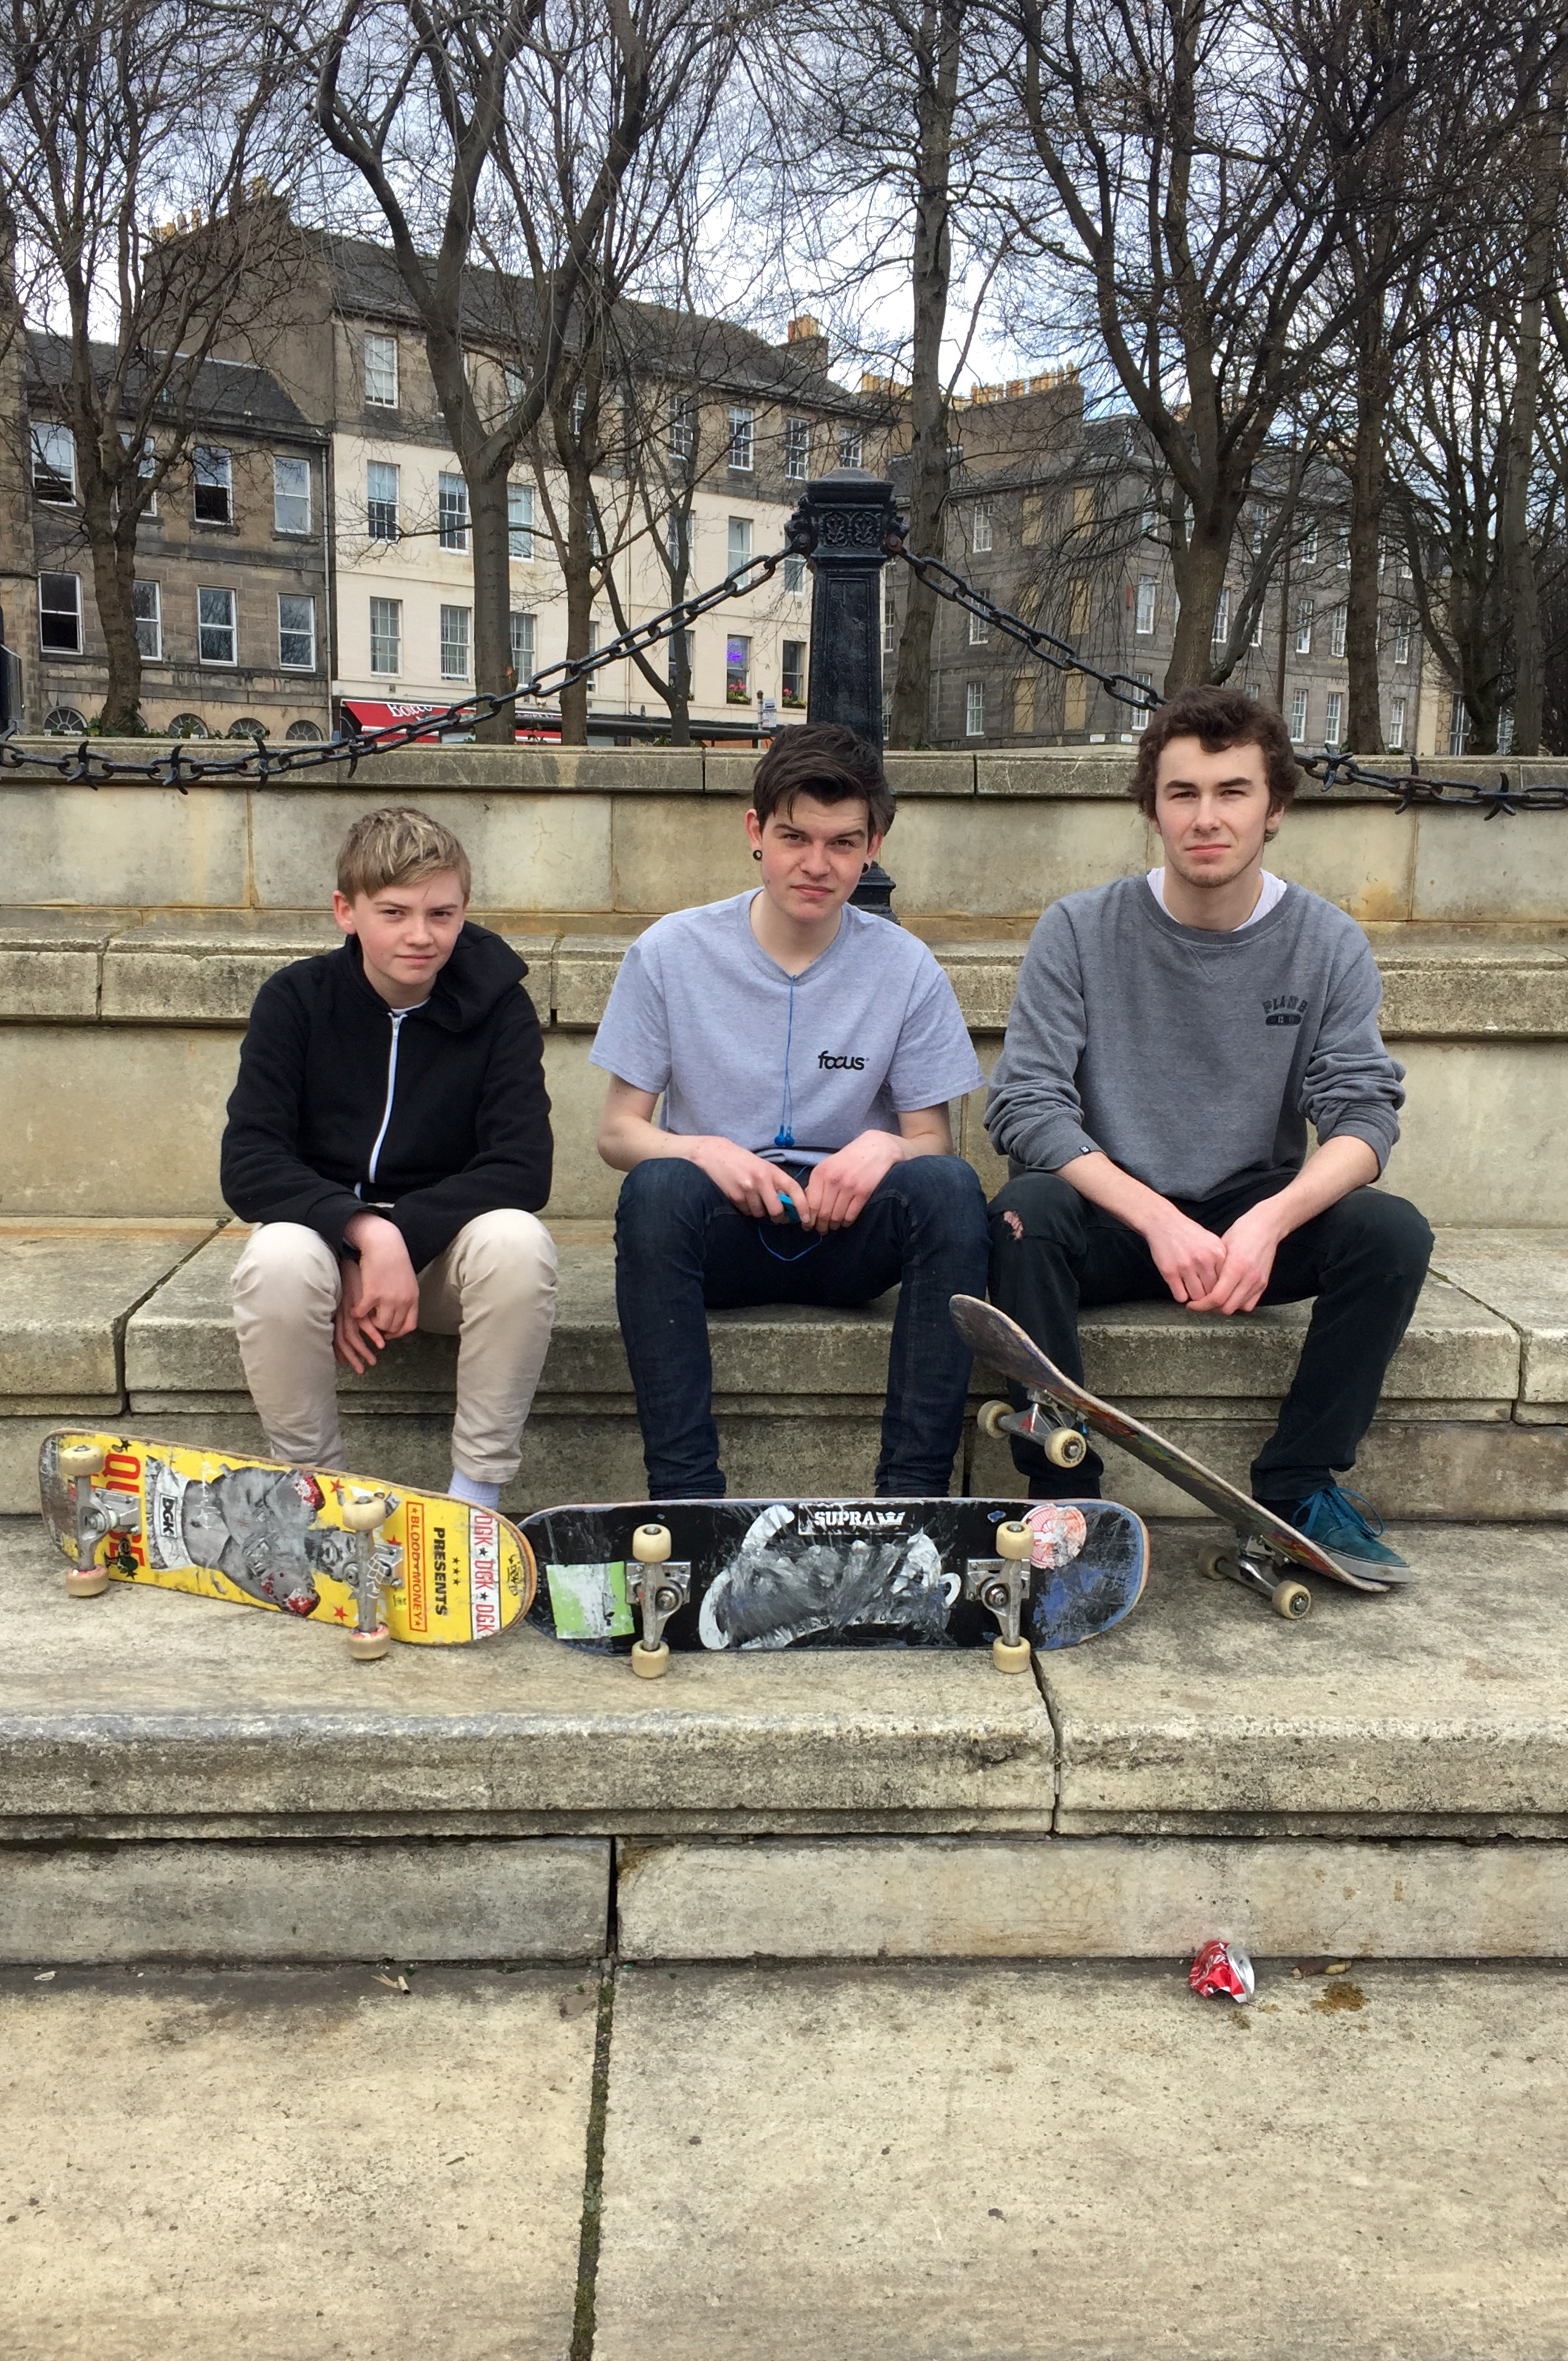 Branden, Ben and Toby